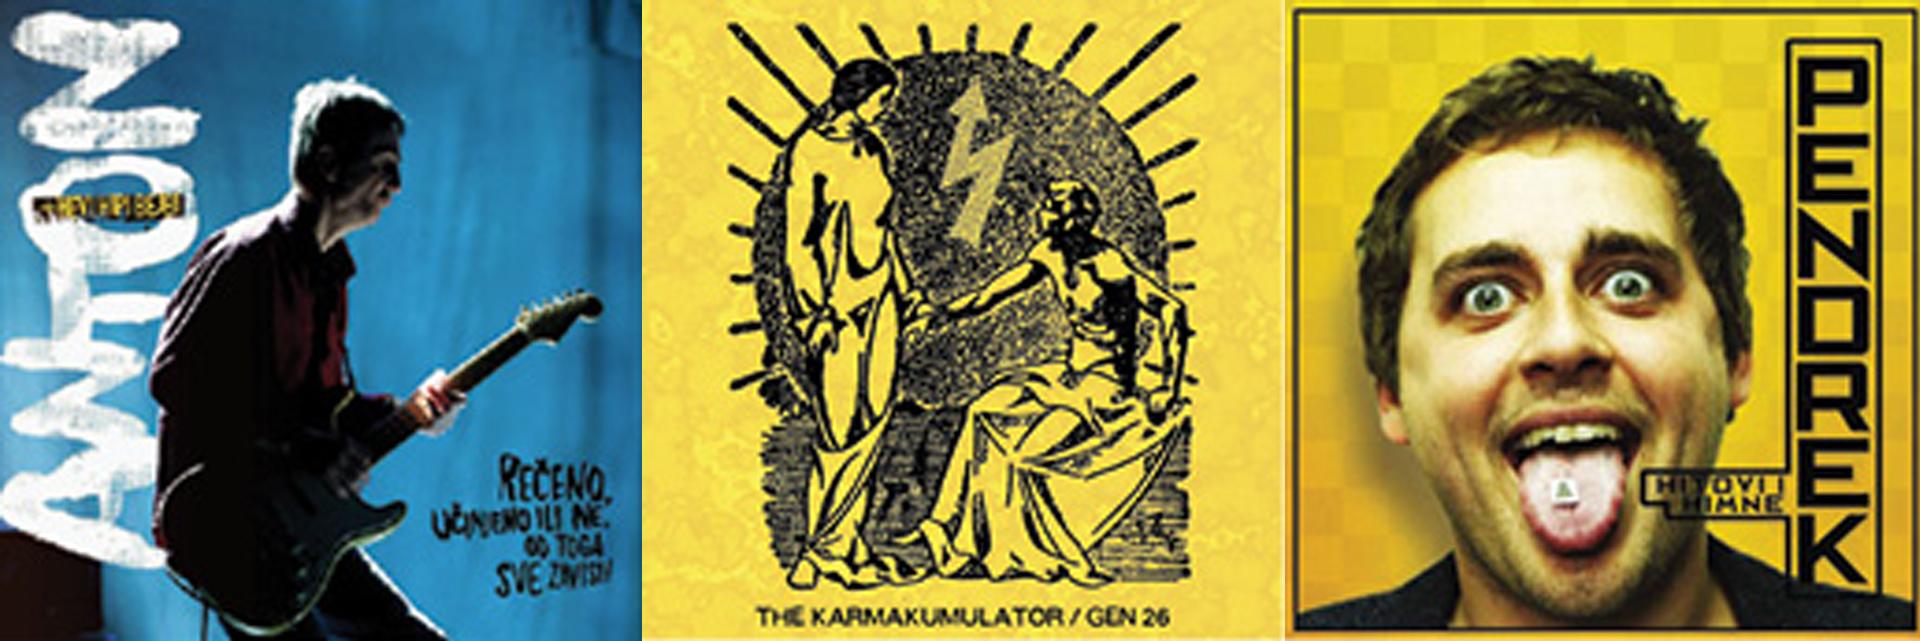 GLAZBENE RECENZIJE Anton+Hevi Hipibejbi, The Karmakumulator, Pendrek